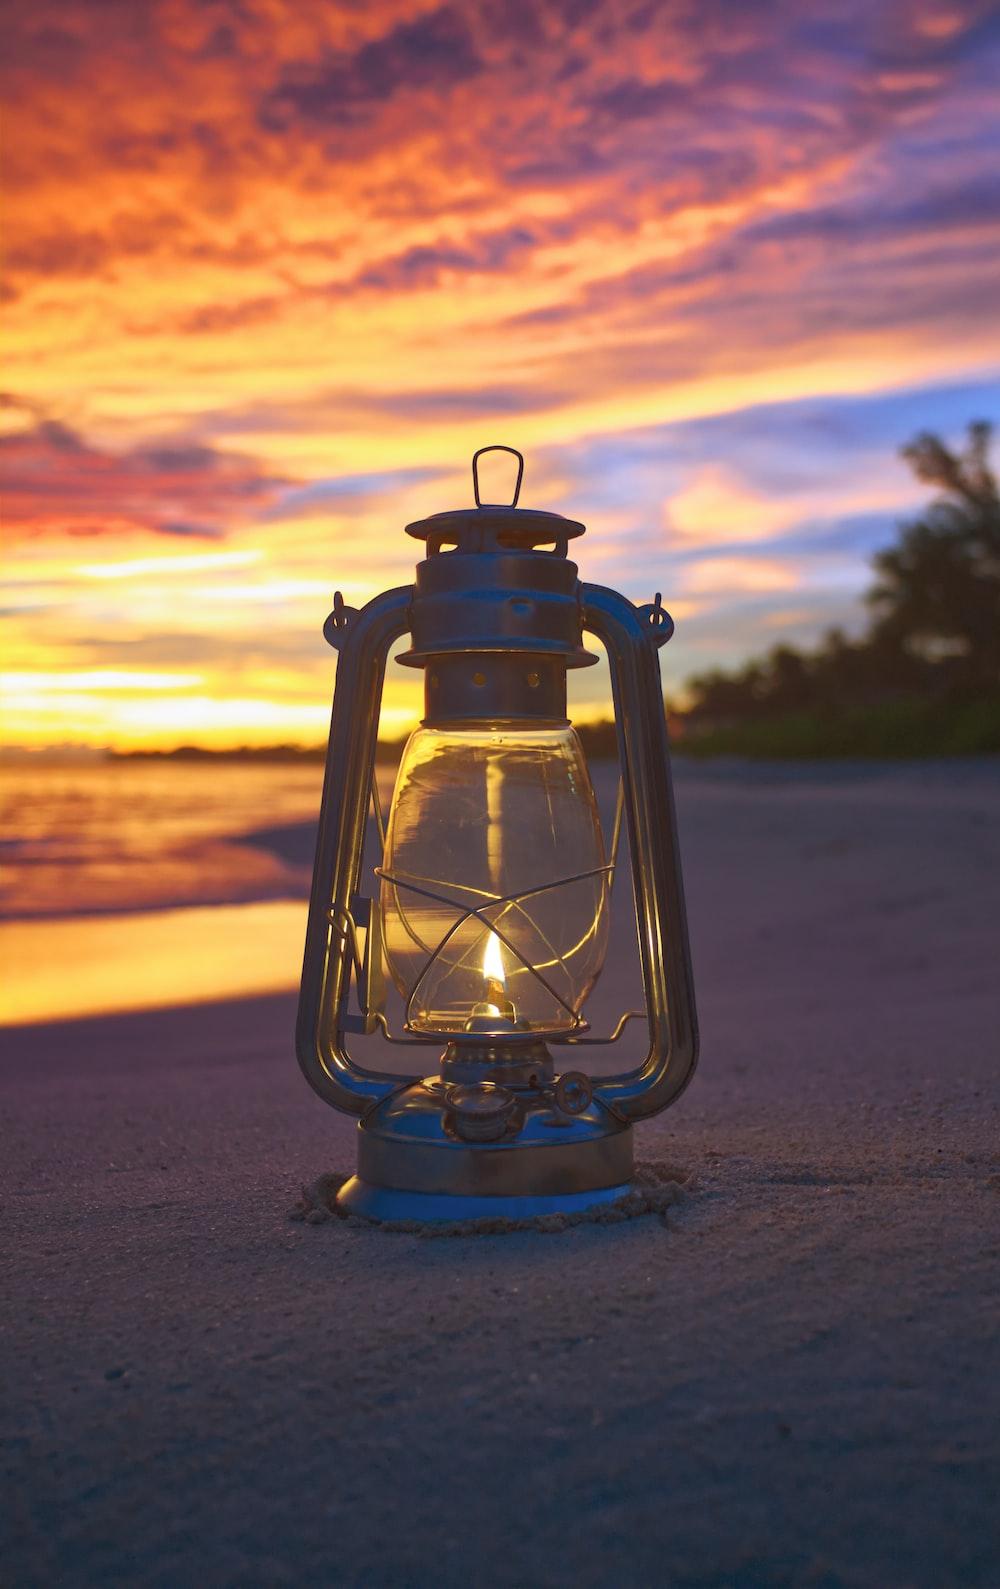 lit oil lantern on sand seashore during golden hour